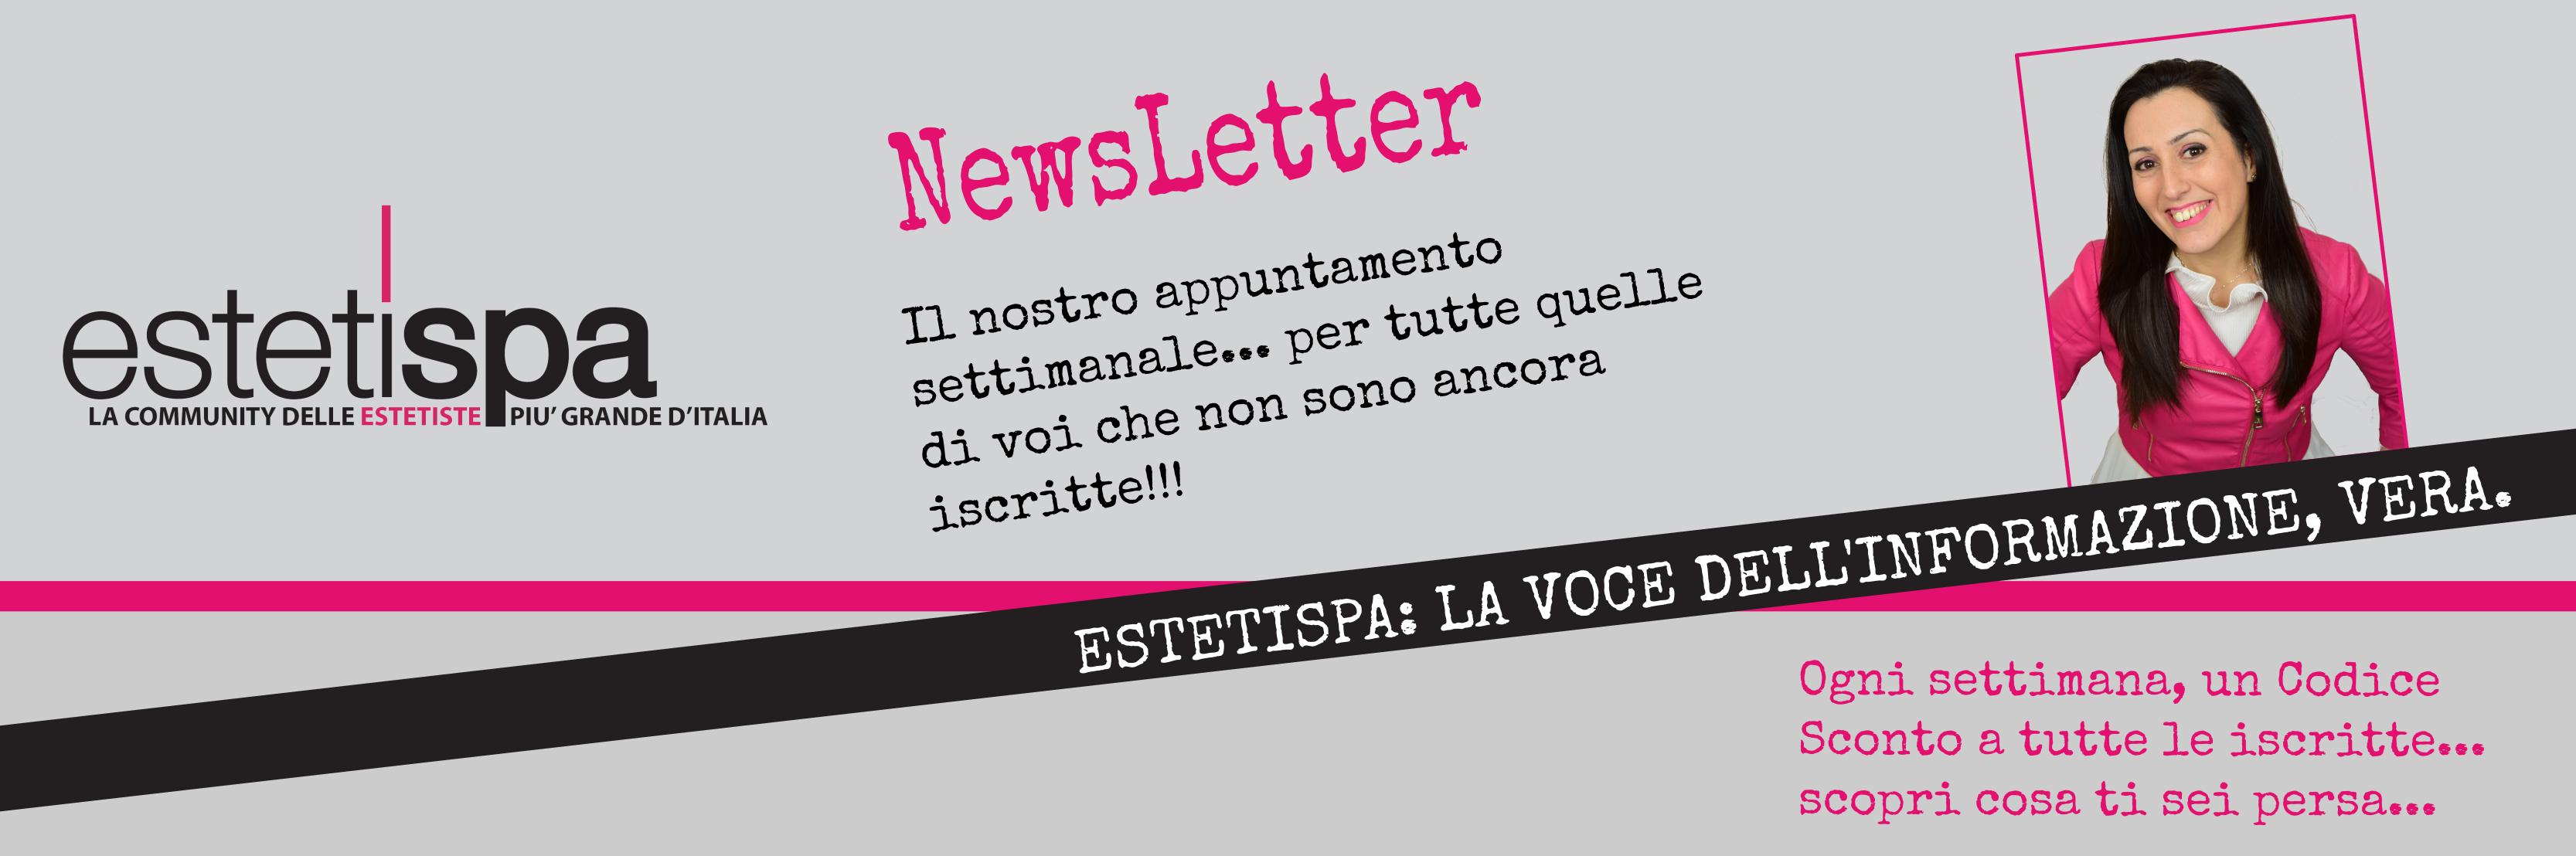 NewsLetter del 17 Gennaio